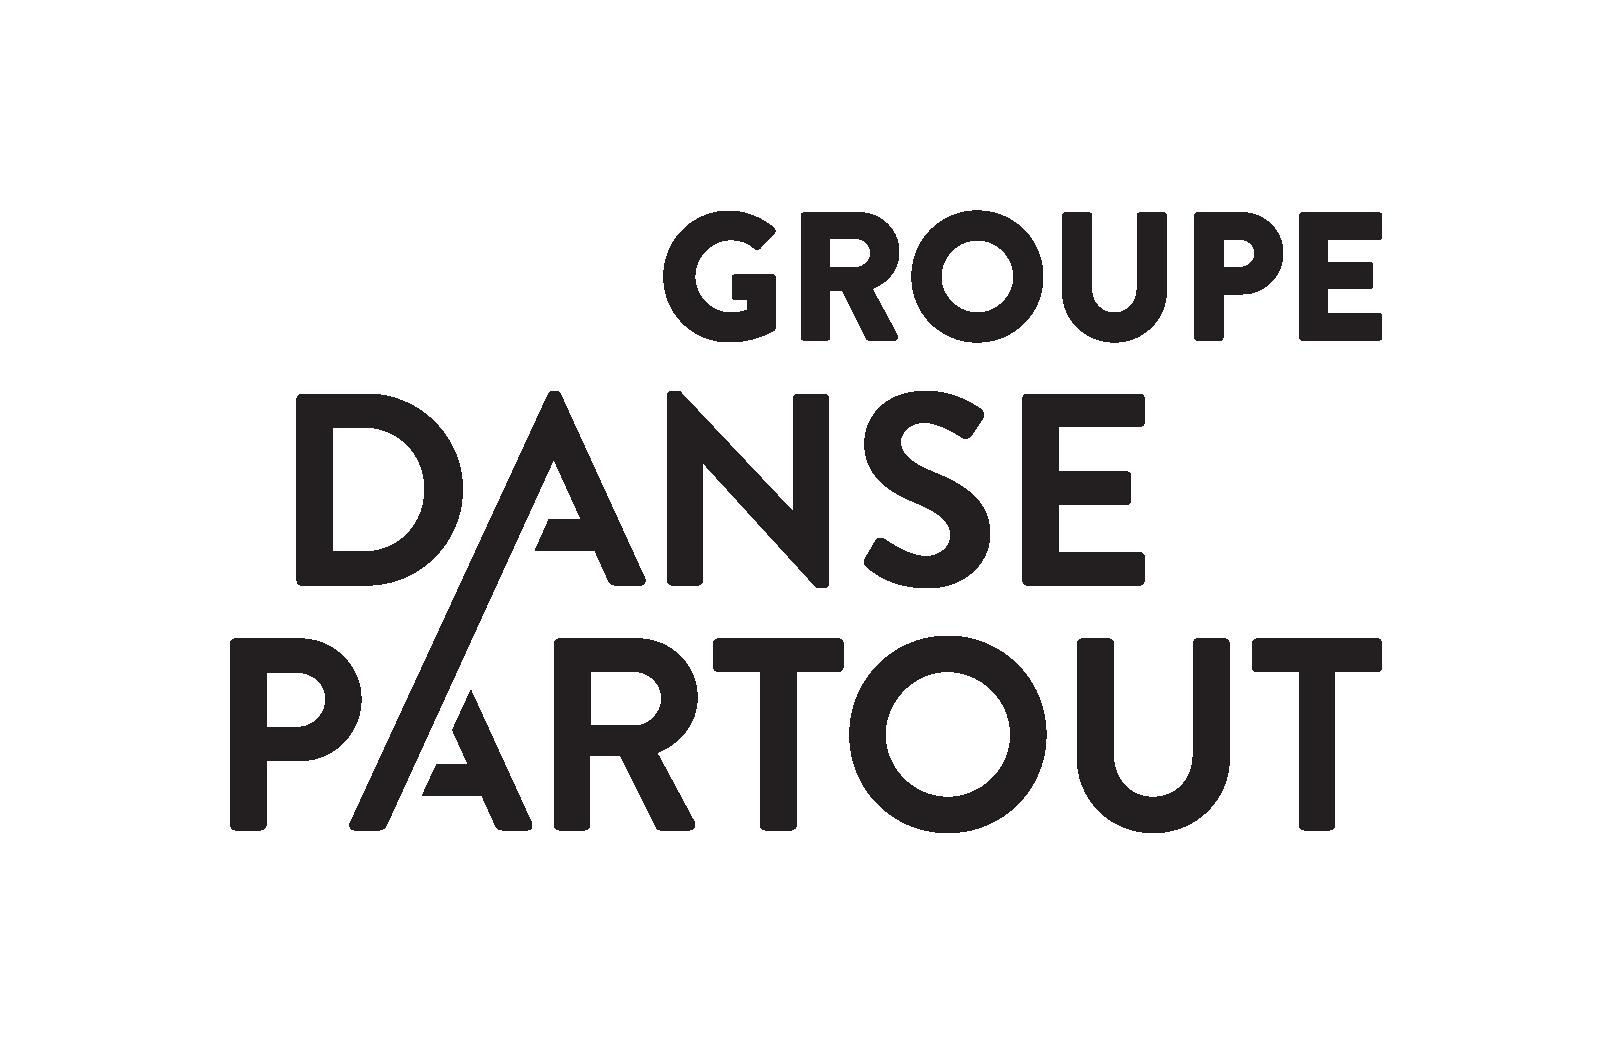 Le Groupe Danse Partout